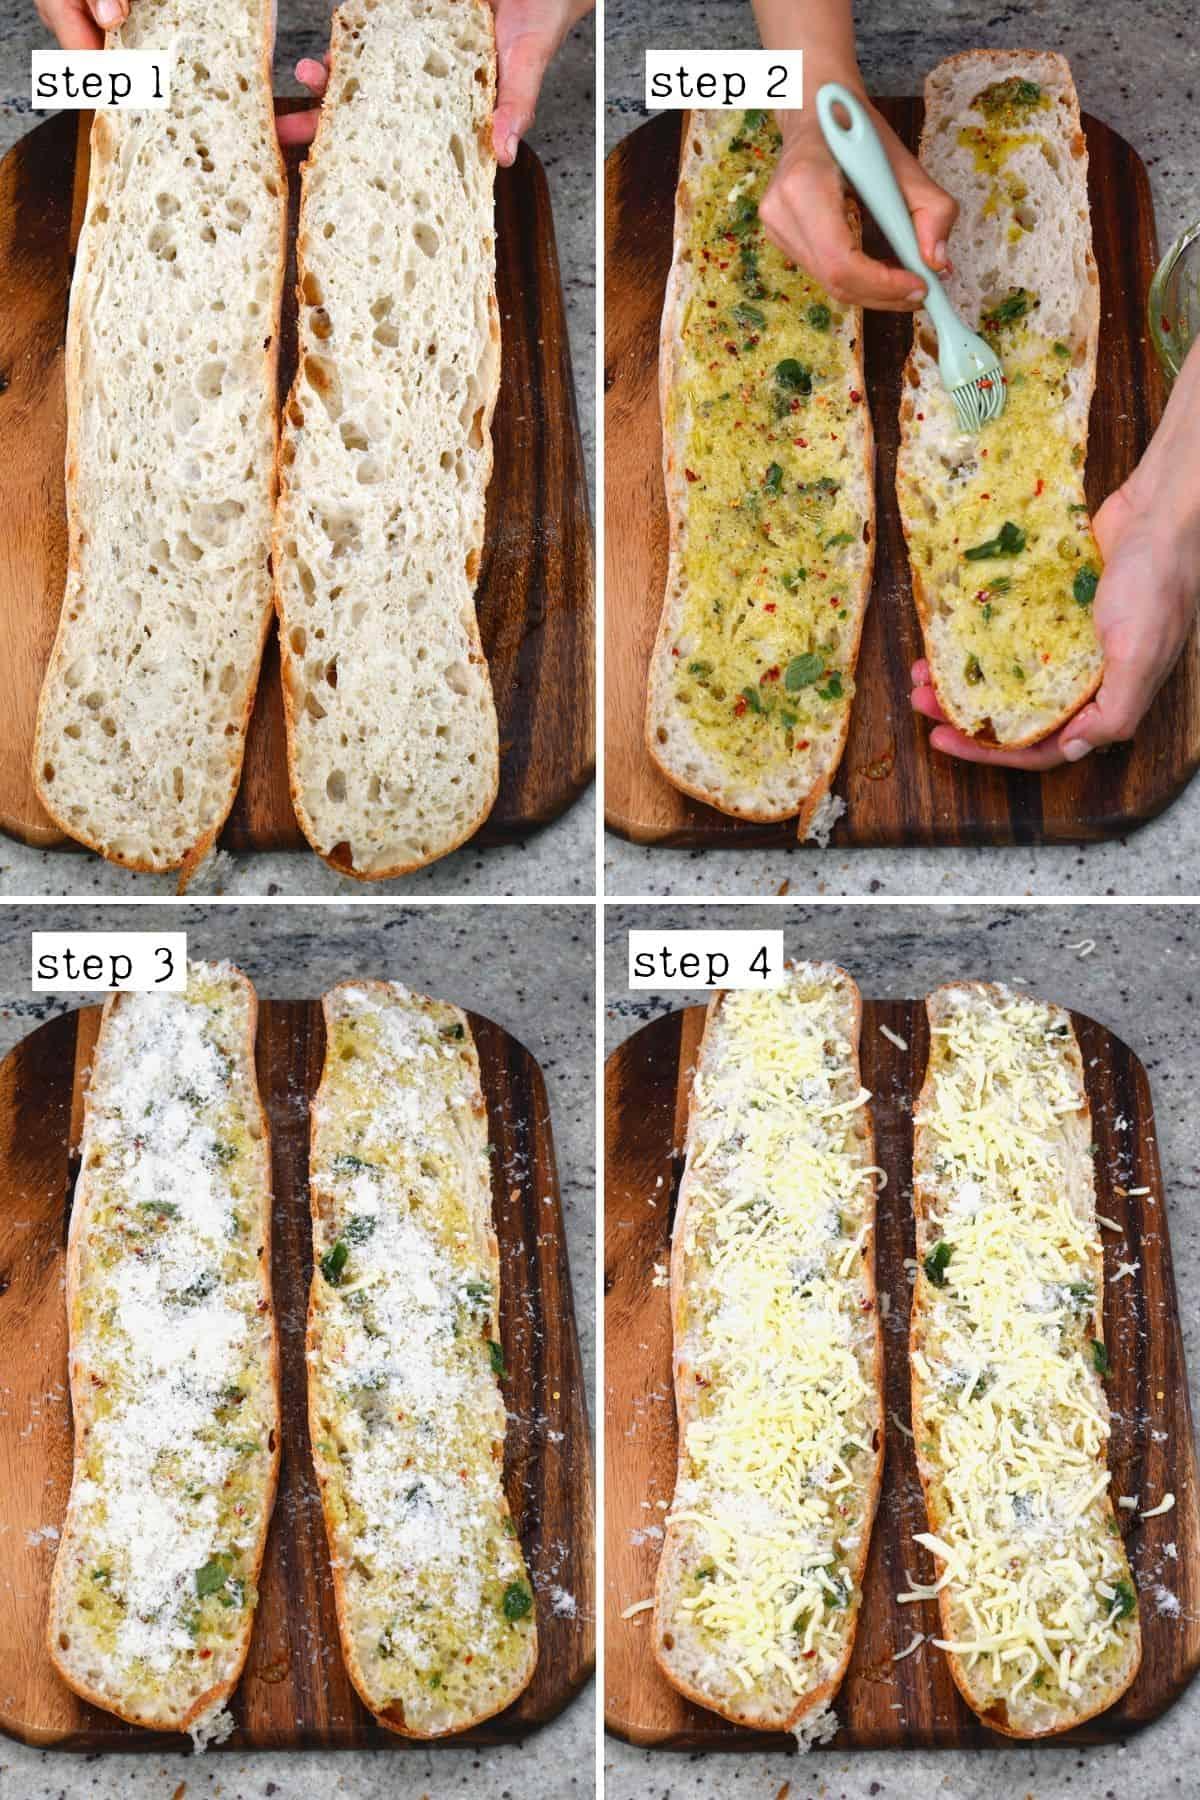 Preparing garlic cheesy bread